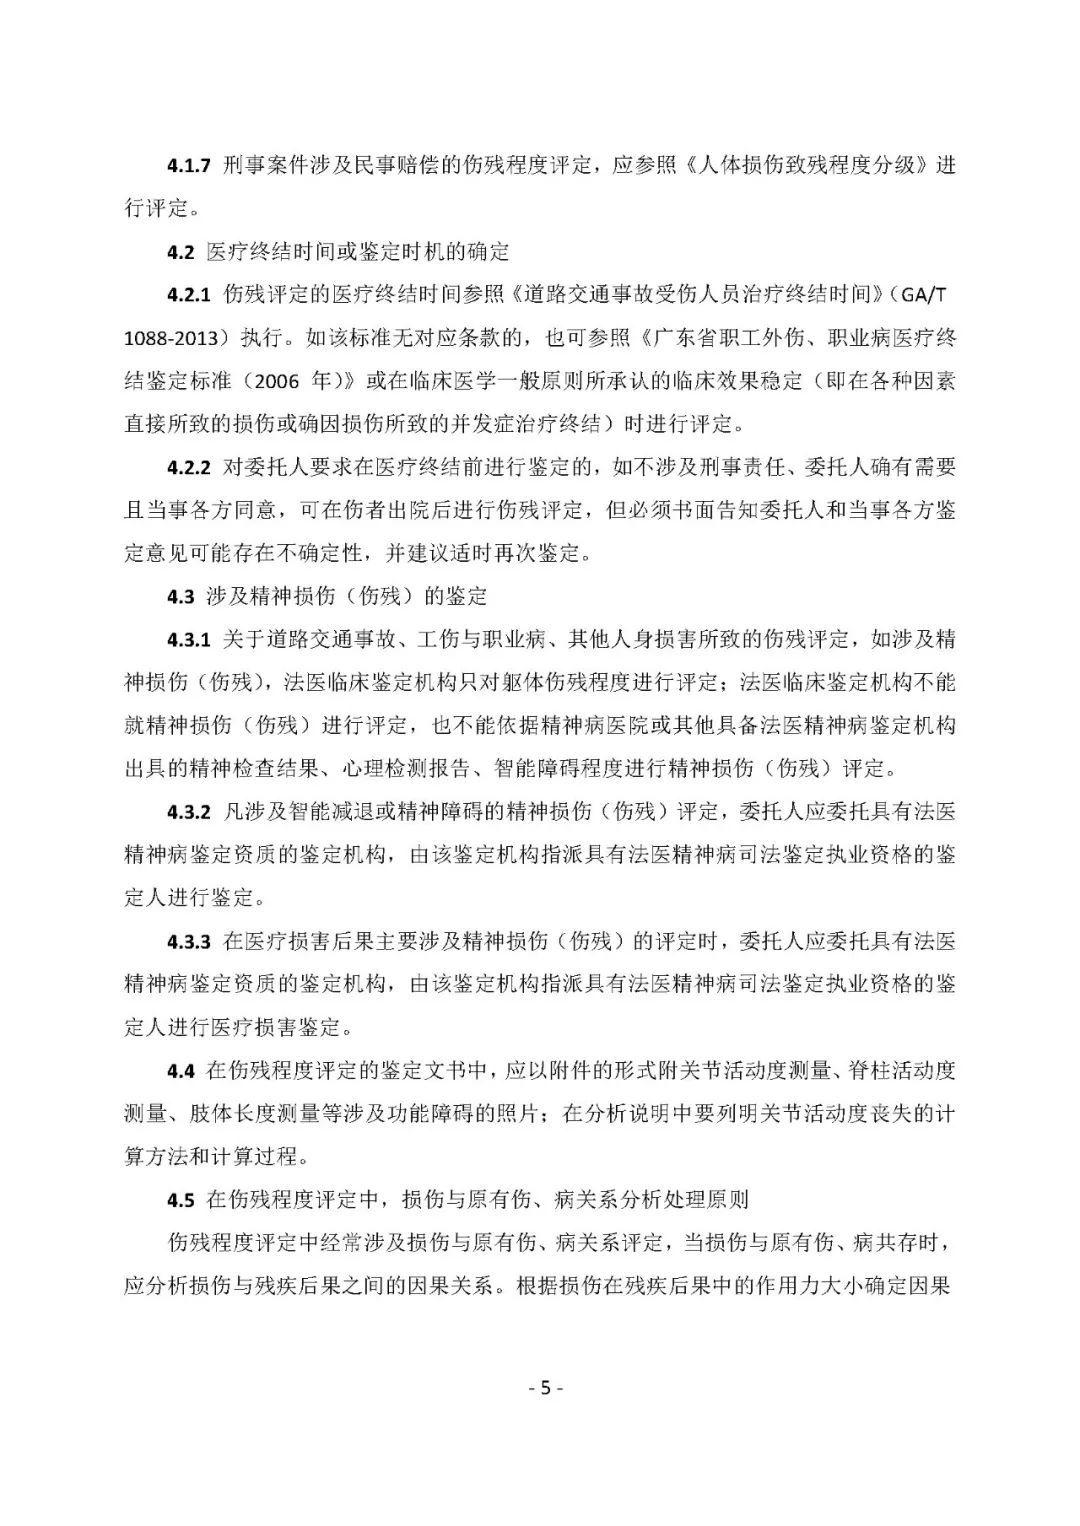 广东省司法鉴定协会 关于发布《法医临床司法鉴定行业指引(修订版)》的通知)》 粤鉴协【2018】31号 5